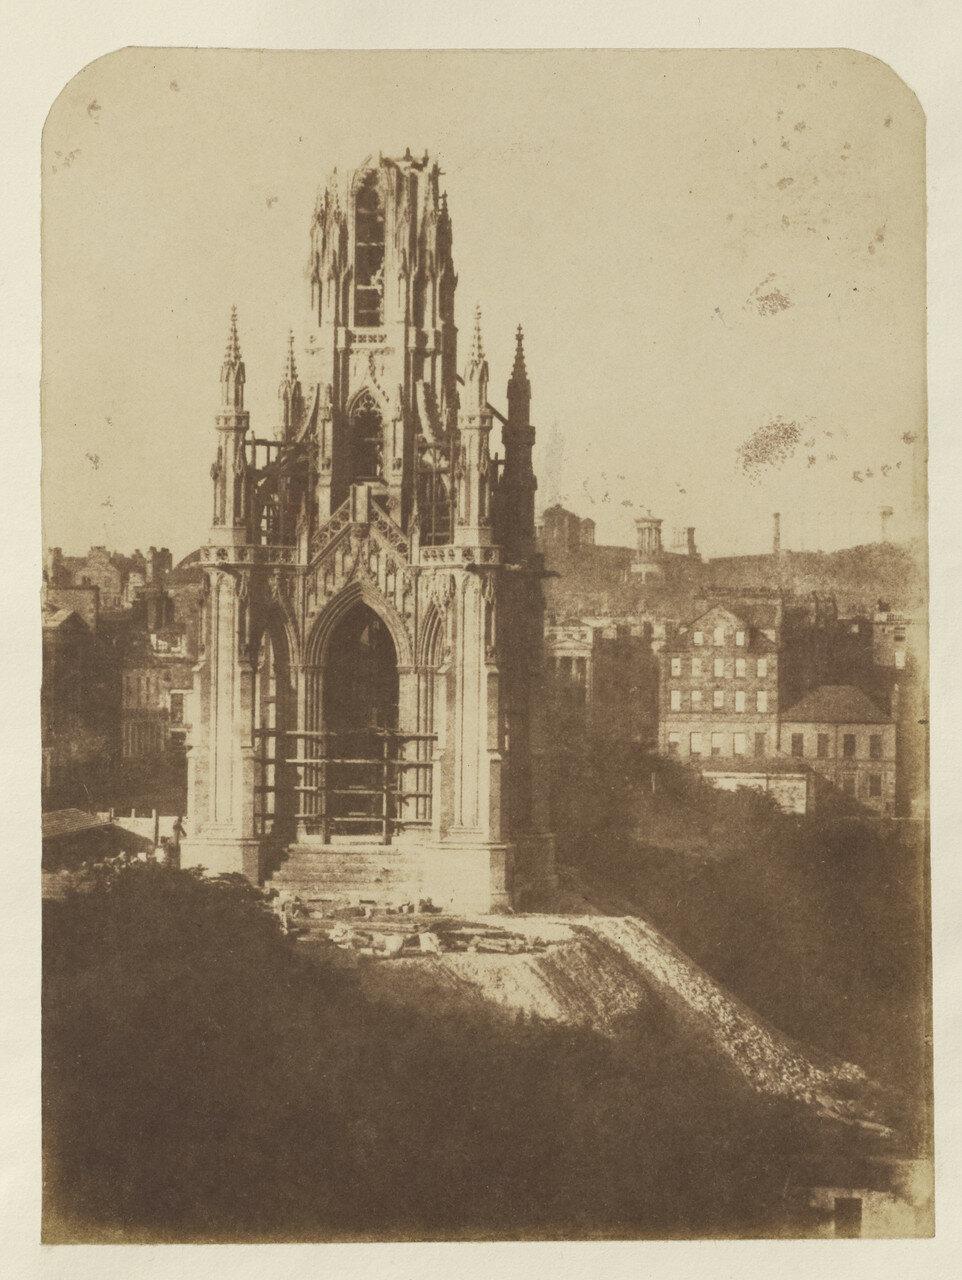 Эдинбург. Монумент Скотта, Эдинбург